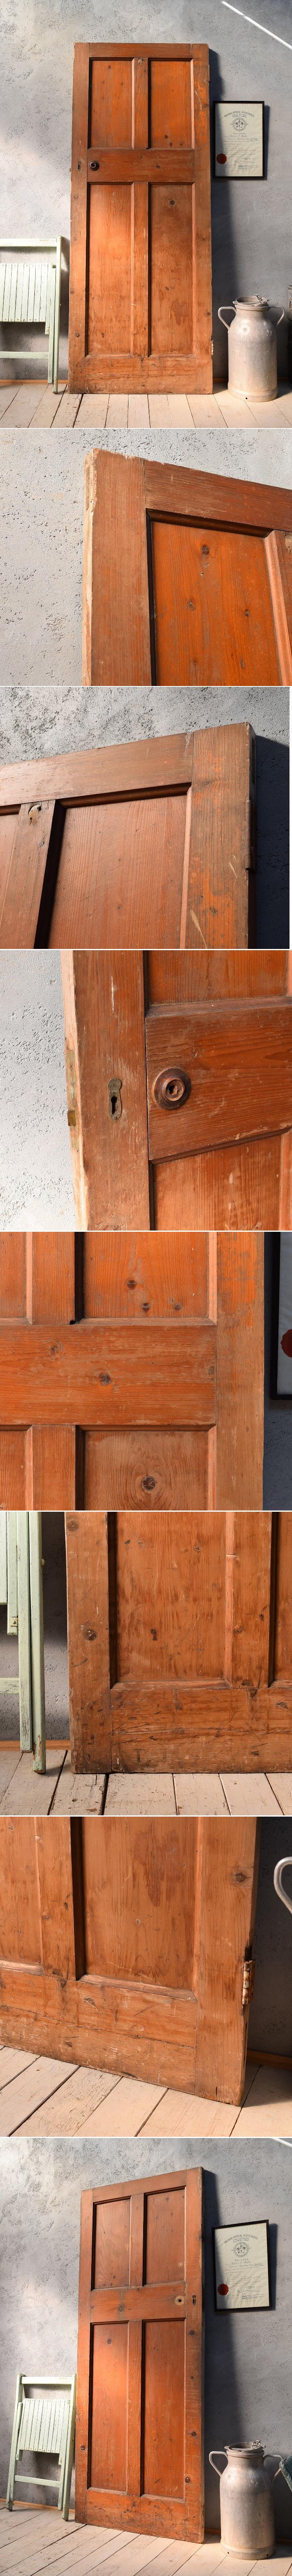 イギリス アンティーク オールドパインドア ディスプレイ 建具 6731